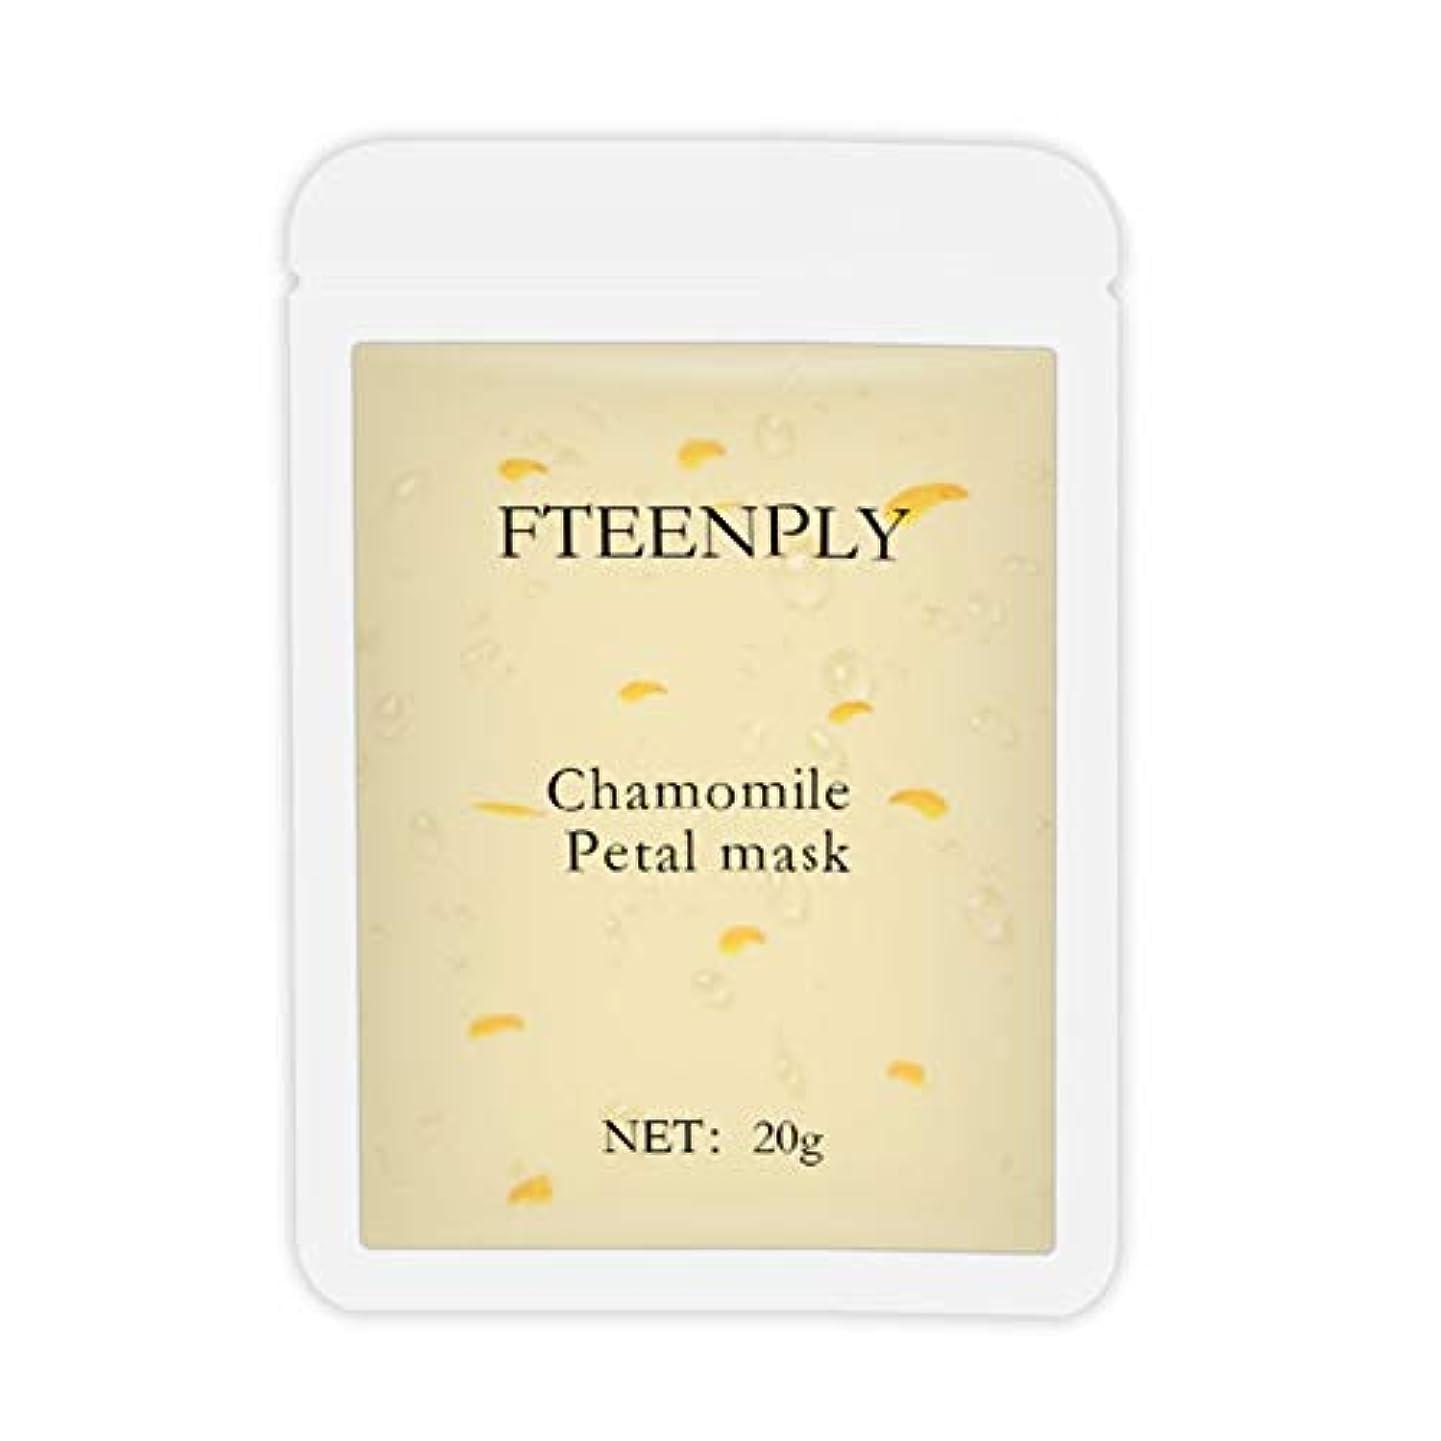 カモミール セラム スリーピングマスク フェイシャル スキンケア セラム モイスチャ 引き締め 毛穴隠す 穏やか 乾燥&エイジング防止 美白 Cutelove